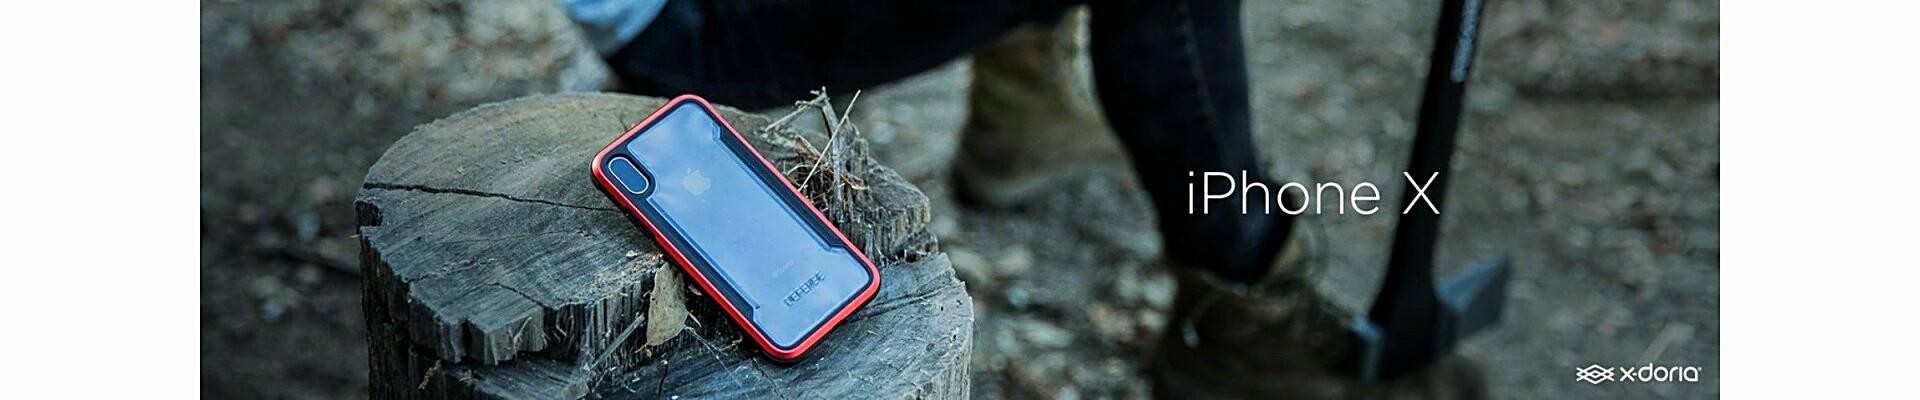 chexly-dlja iphone x